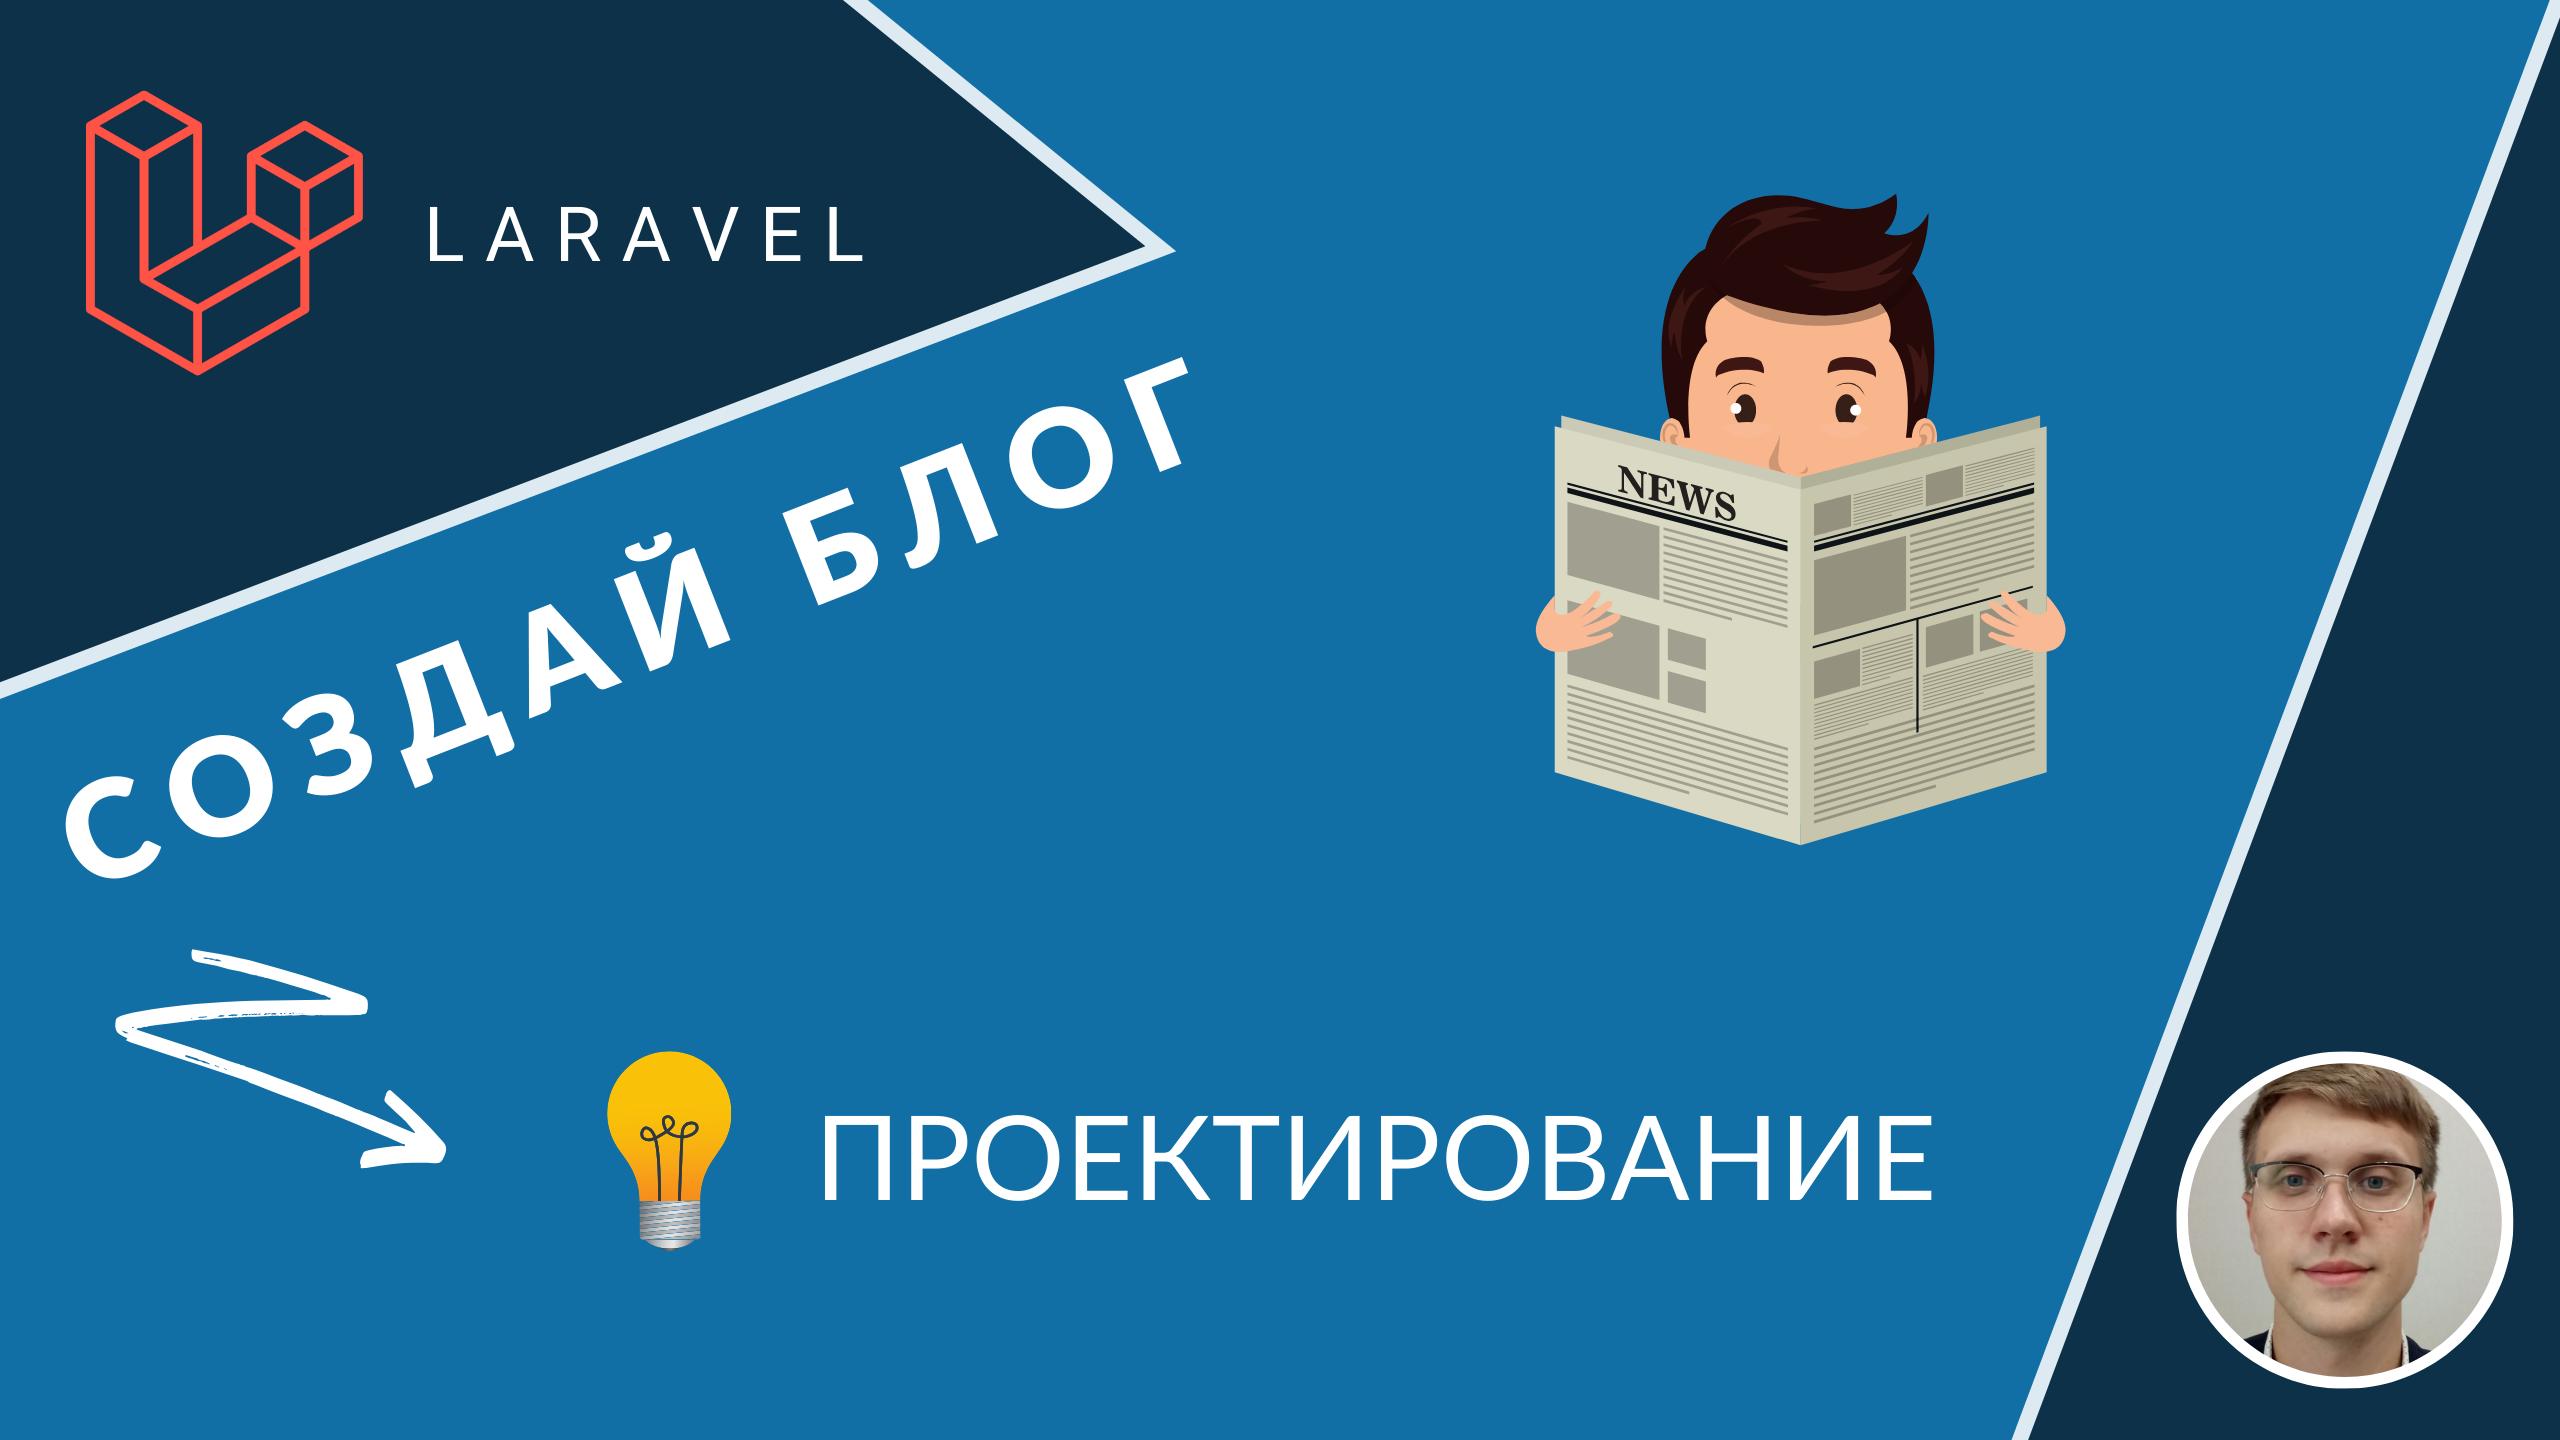 Создание блога. Урок 1 - Проектирование